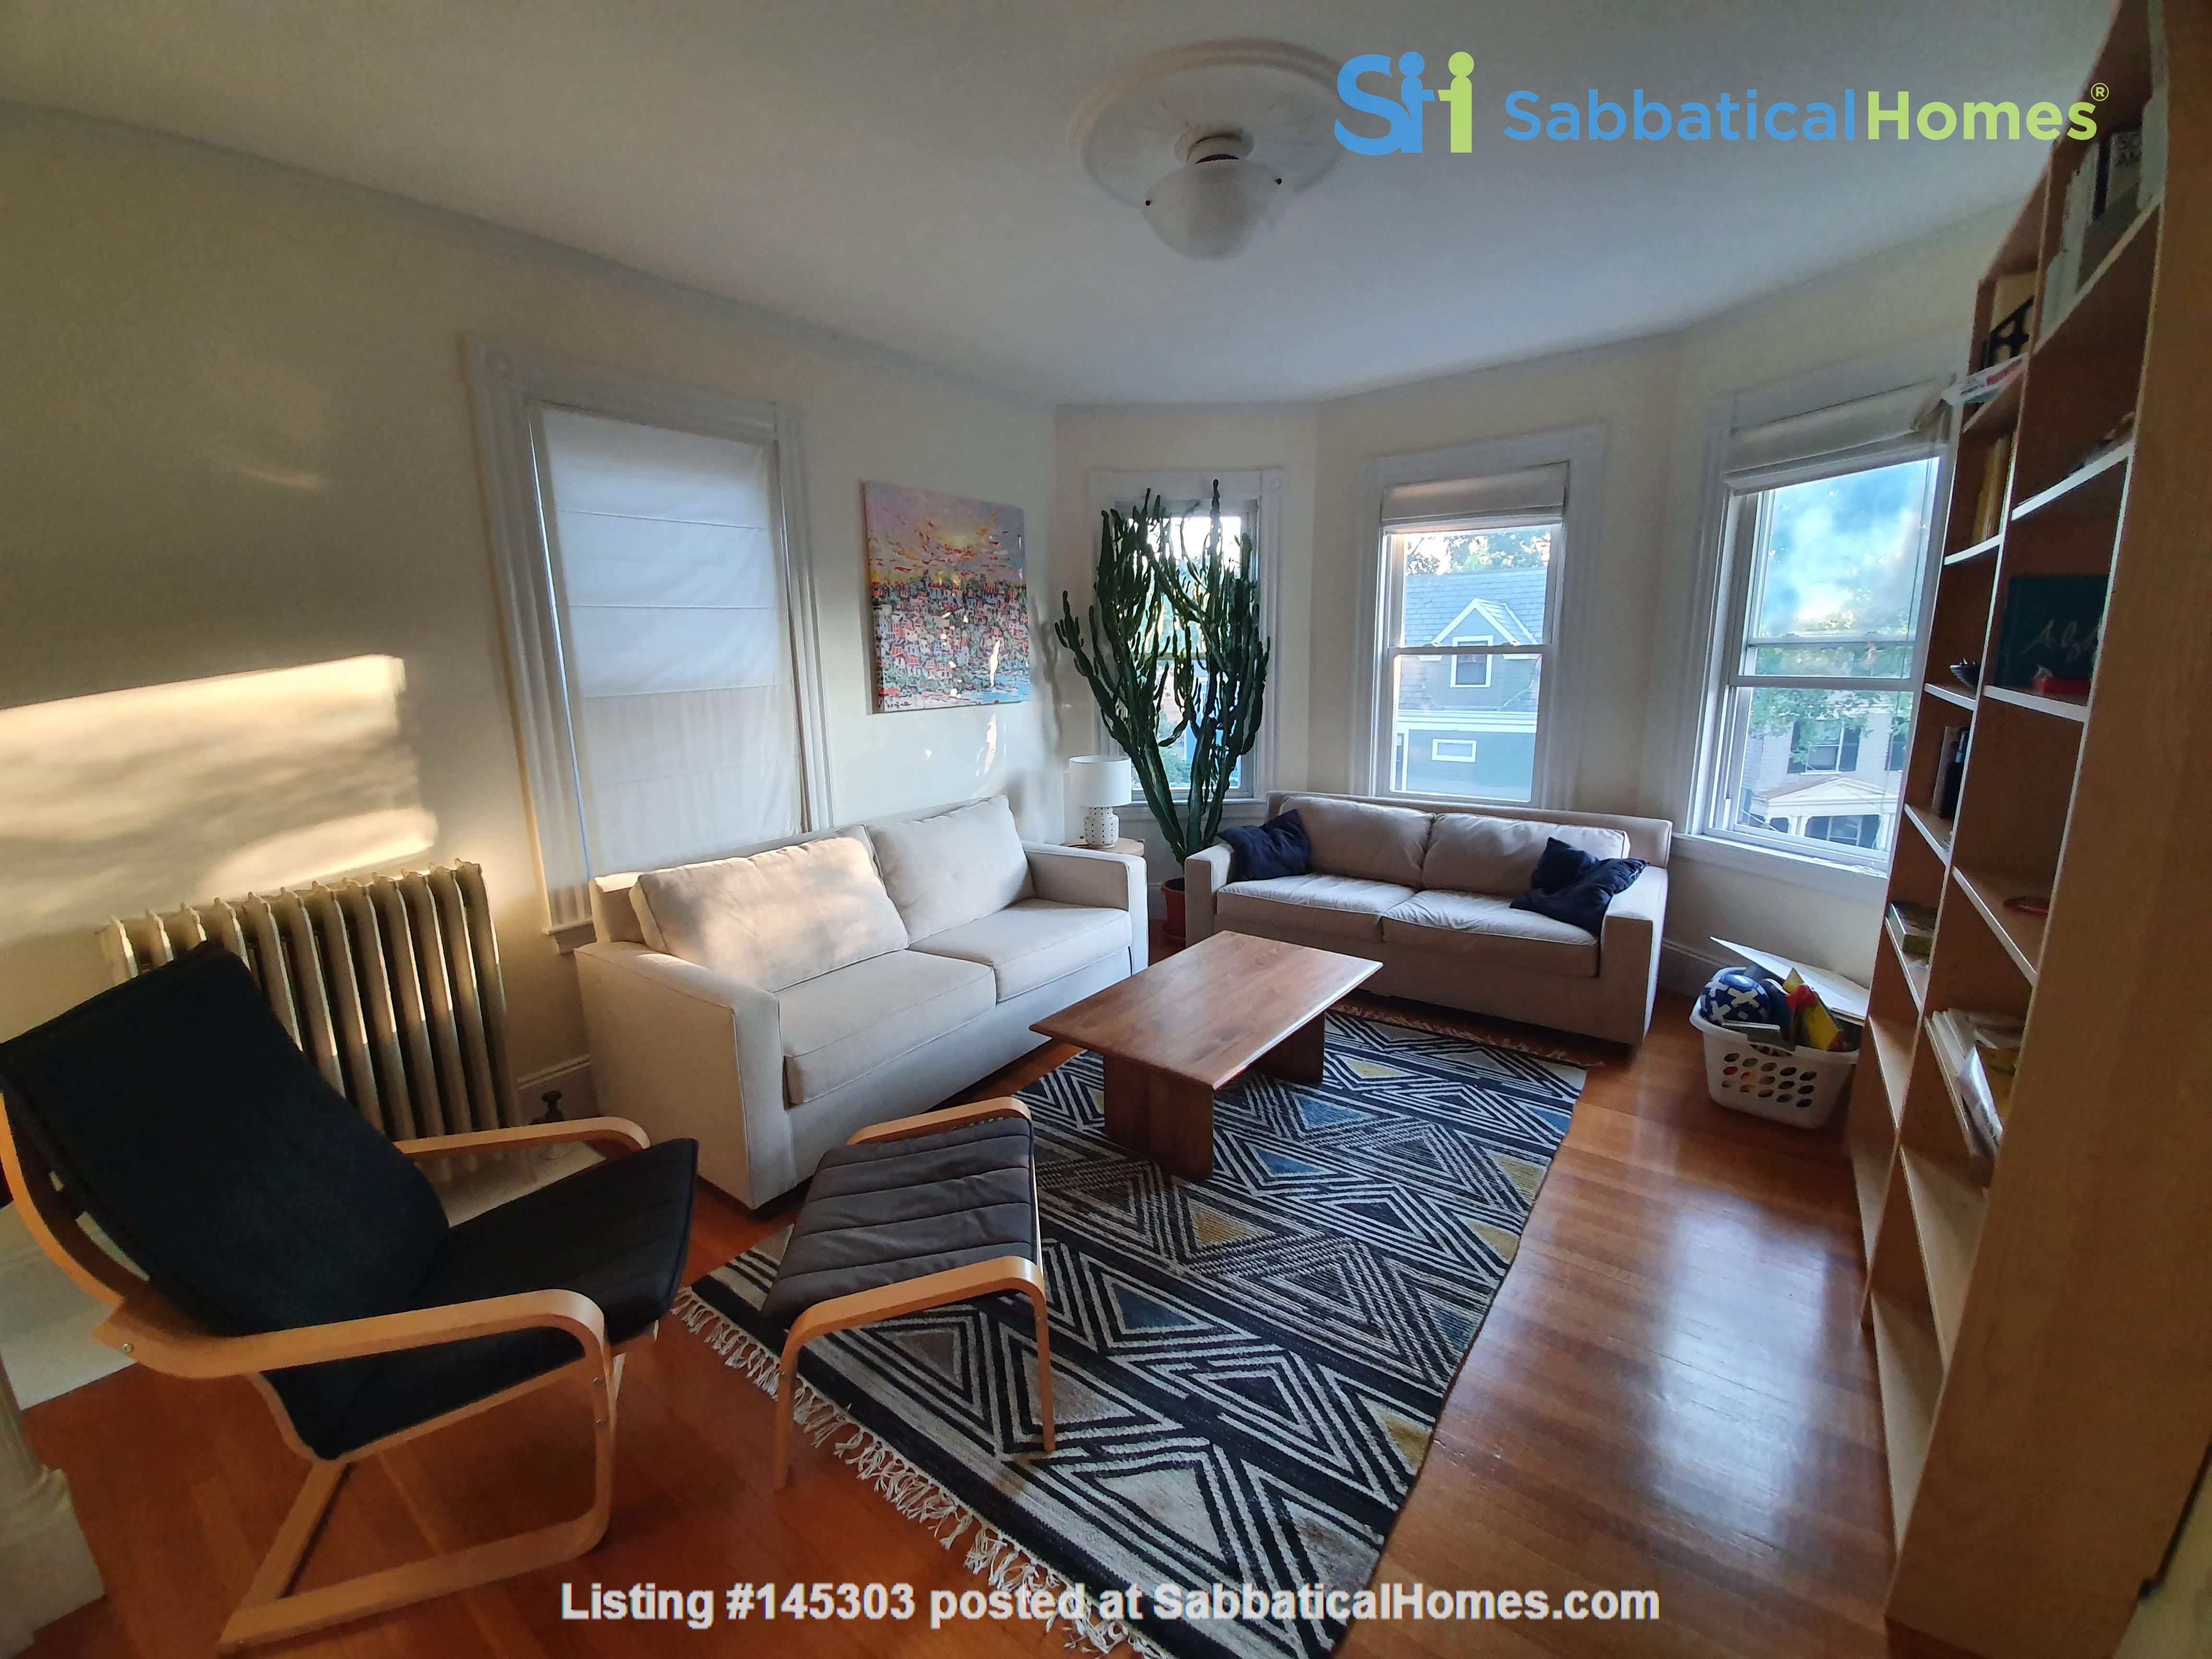 Cambridge third floor bright condo near Harvard Square Home Rental in Cambridge, Massachusetts, United States 5